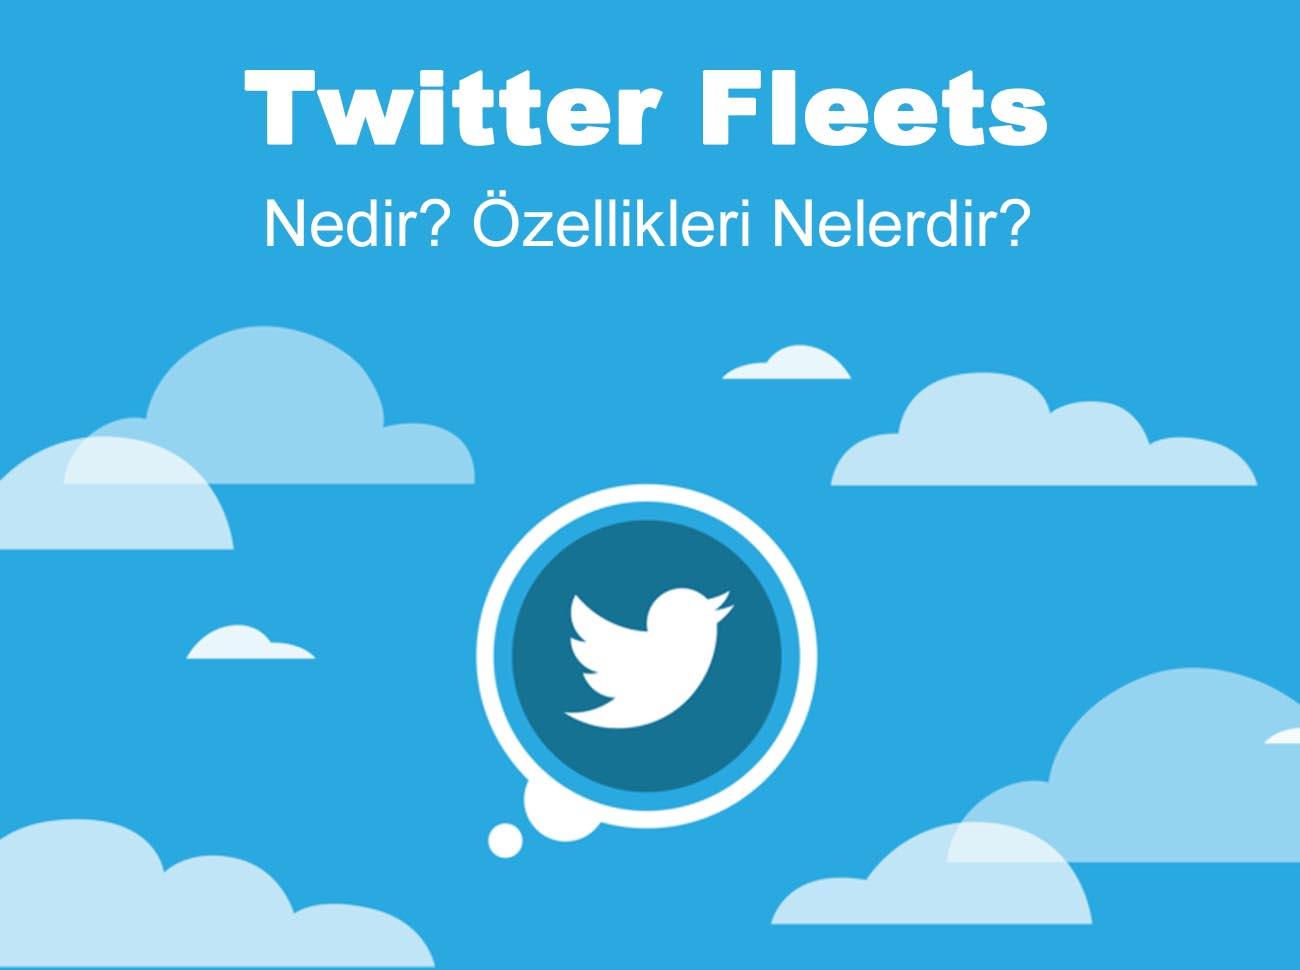 Twitter Fleets İle Twitter'a Hikayeler Özelliği Geliyor